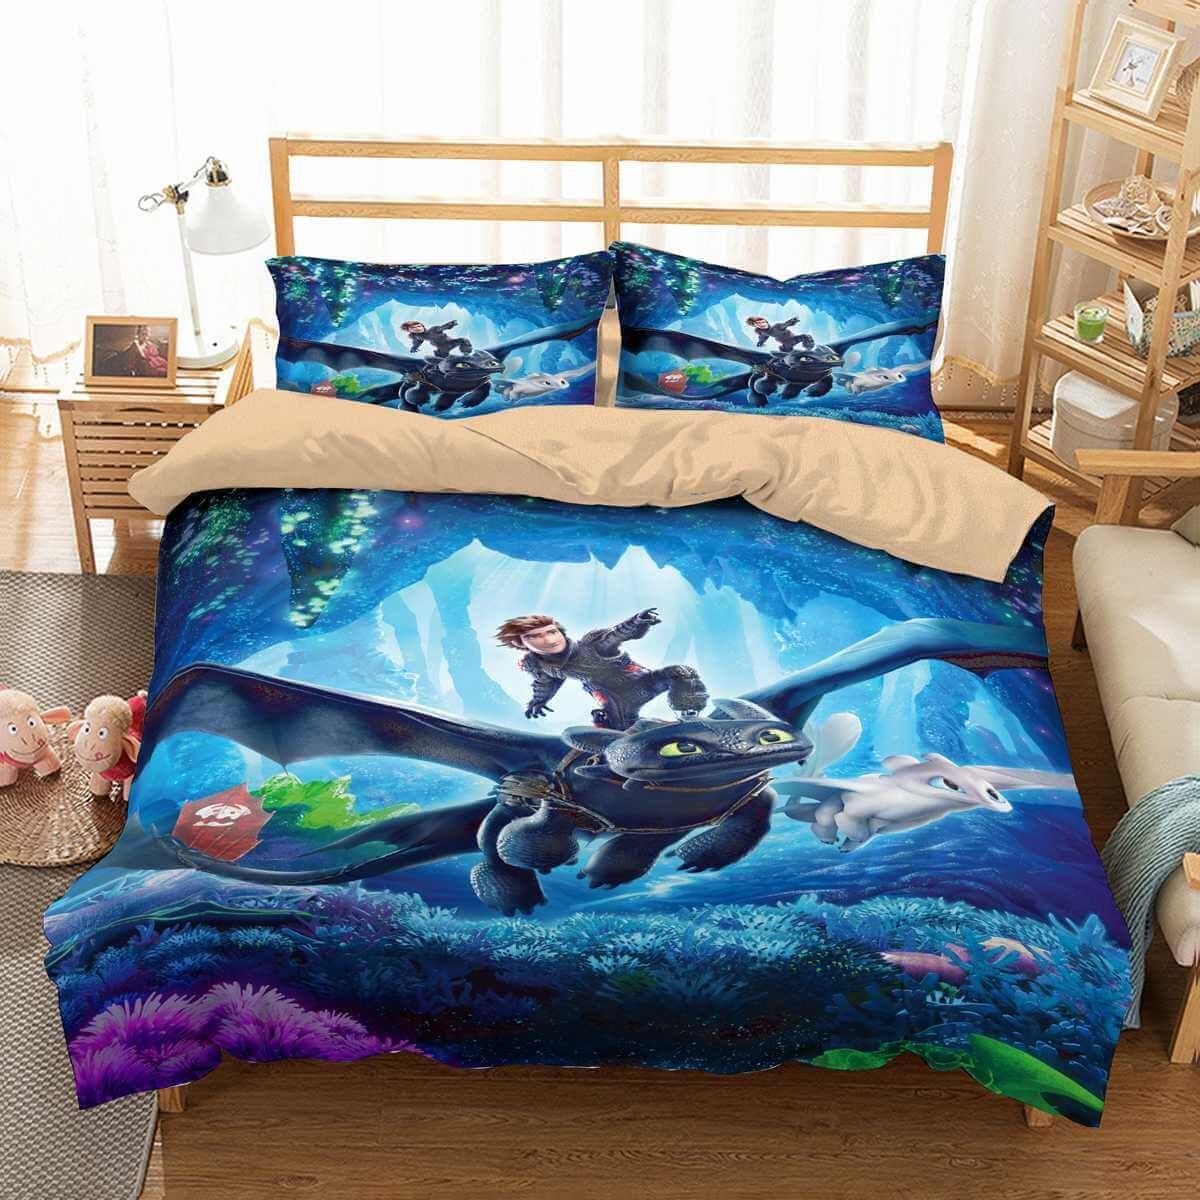 Dragon Bedding Set Duvet Cover